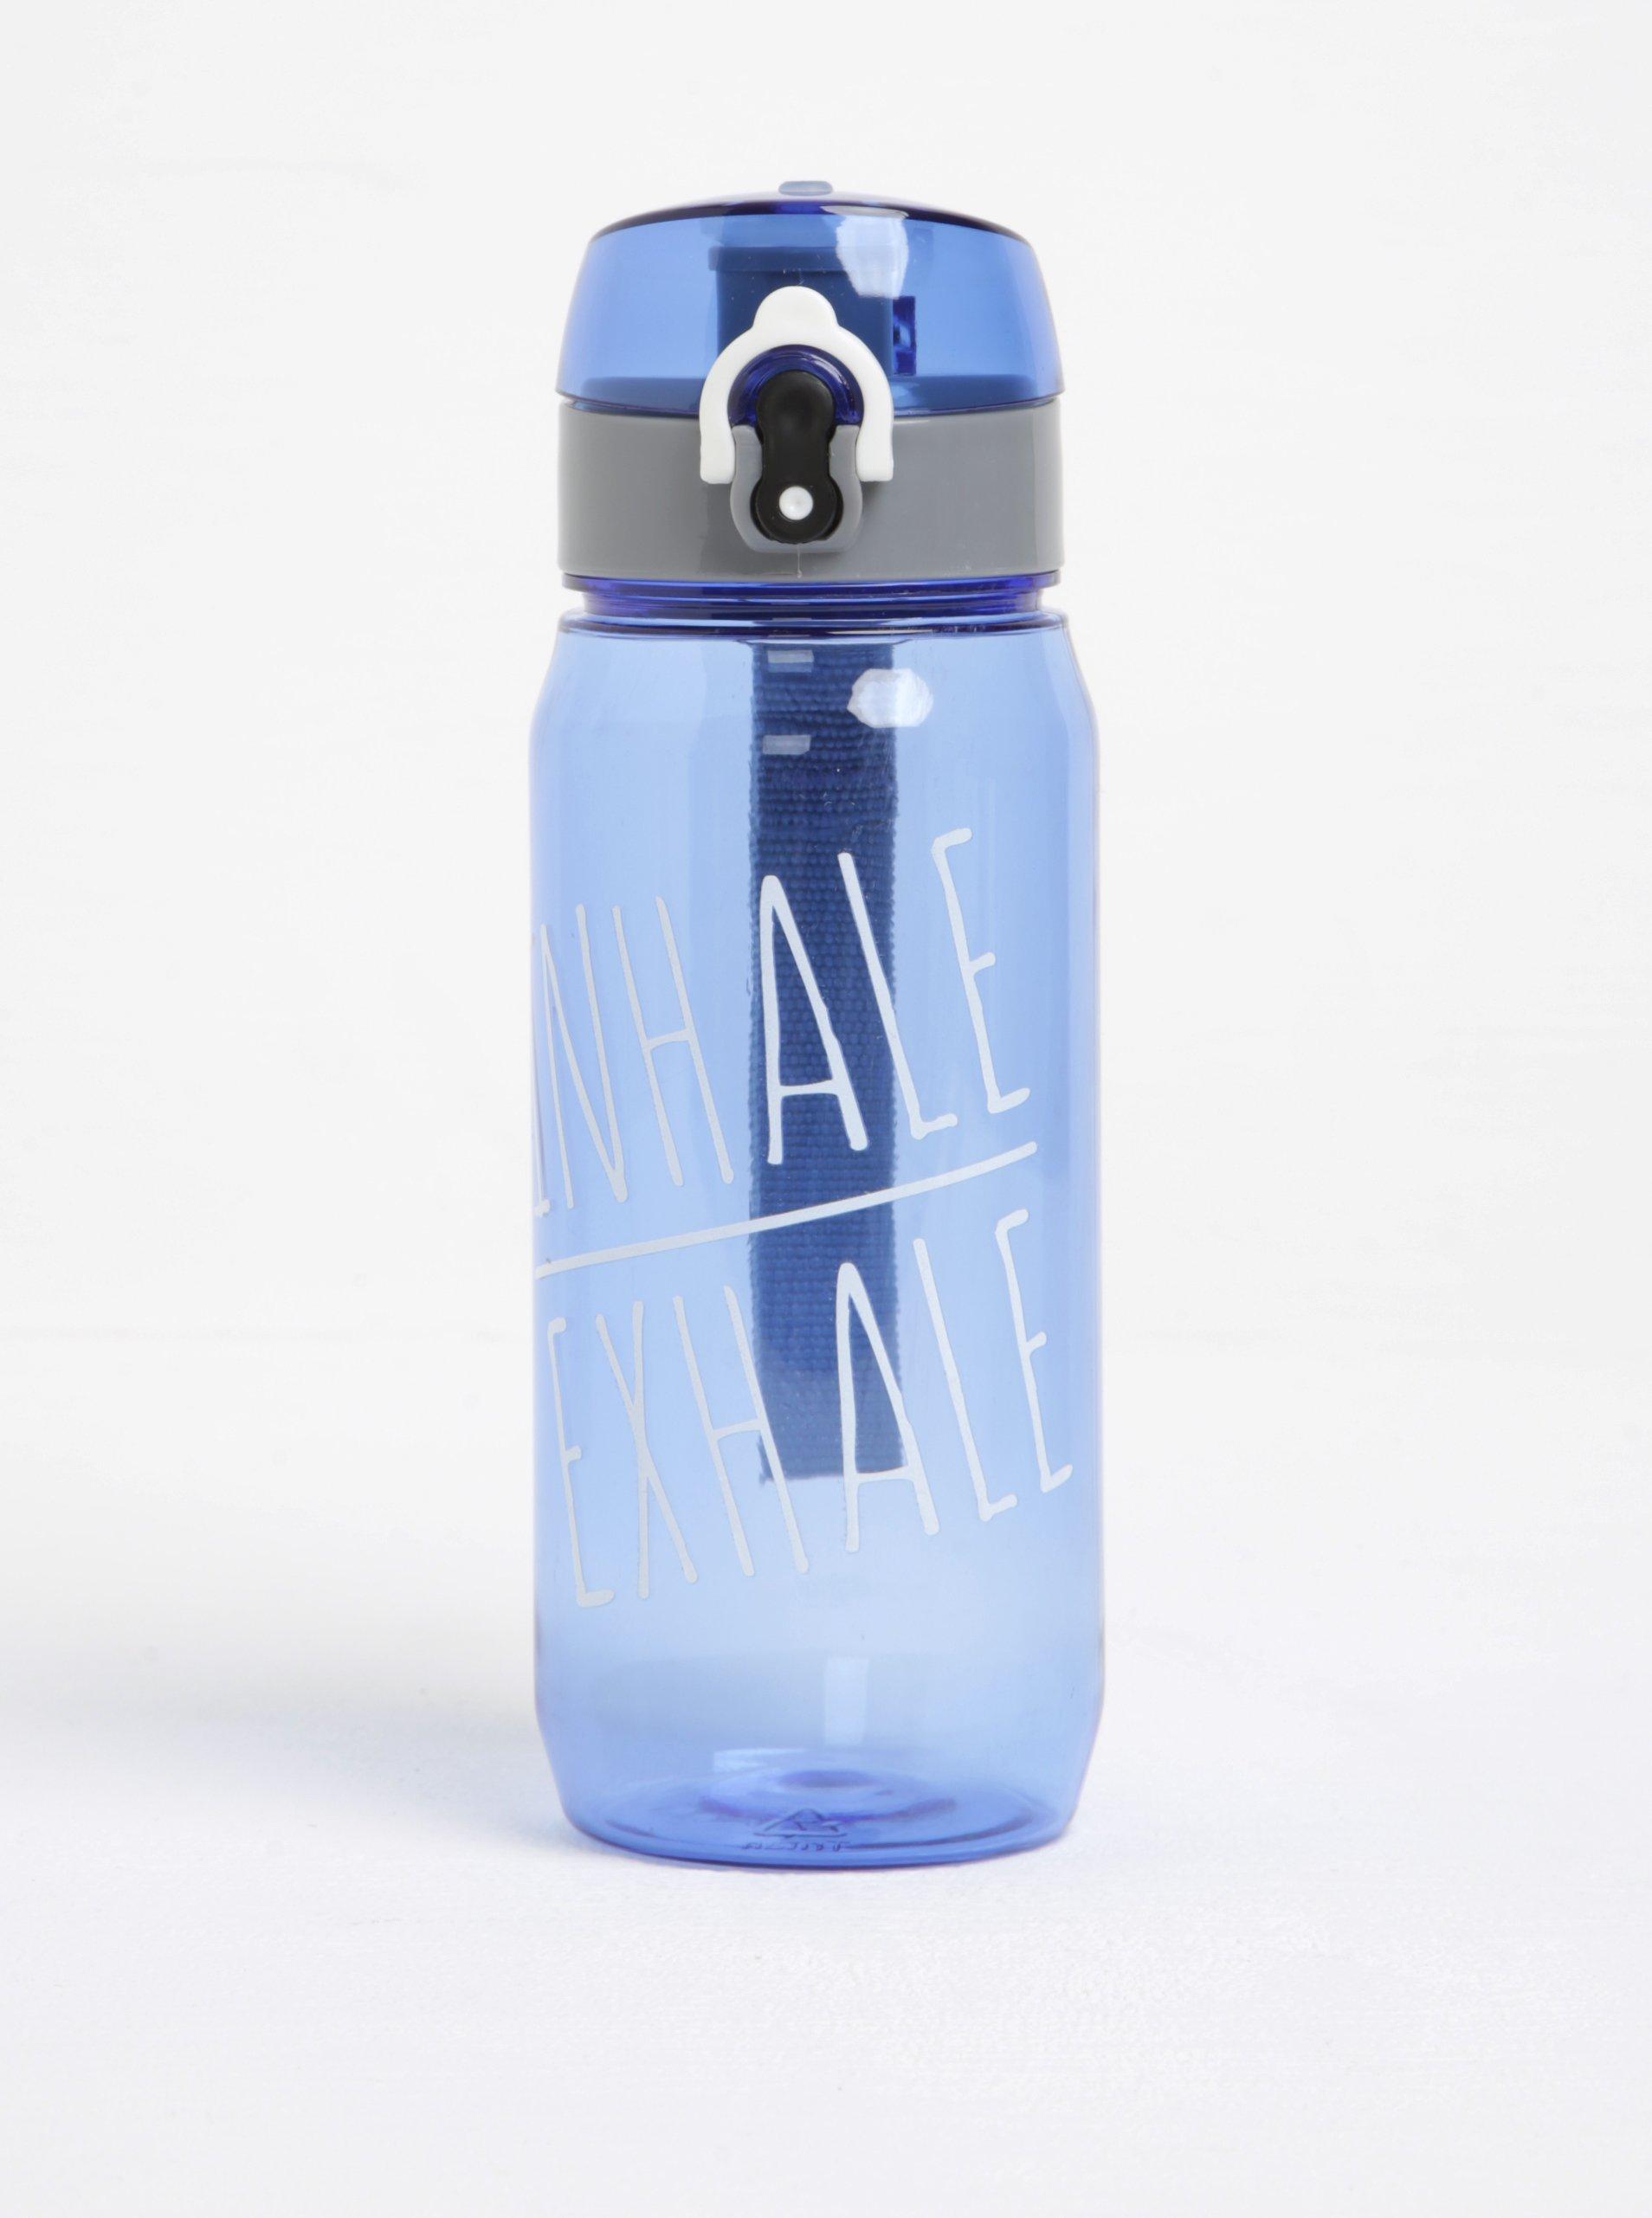 Modrá láhev na vodu s uzamykacím systémem Loooqs Inhale Exhale (600 ml)